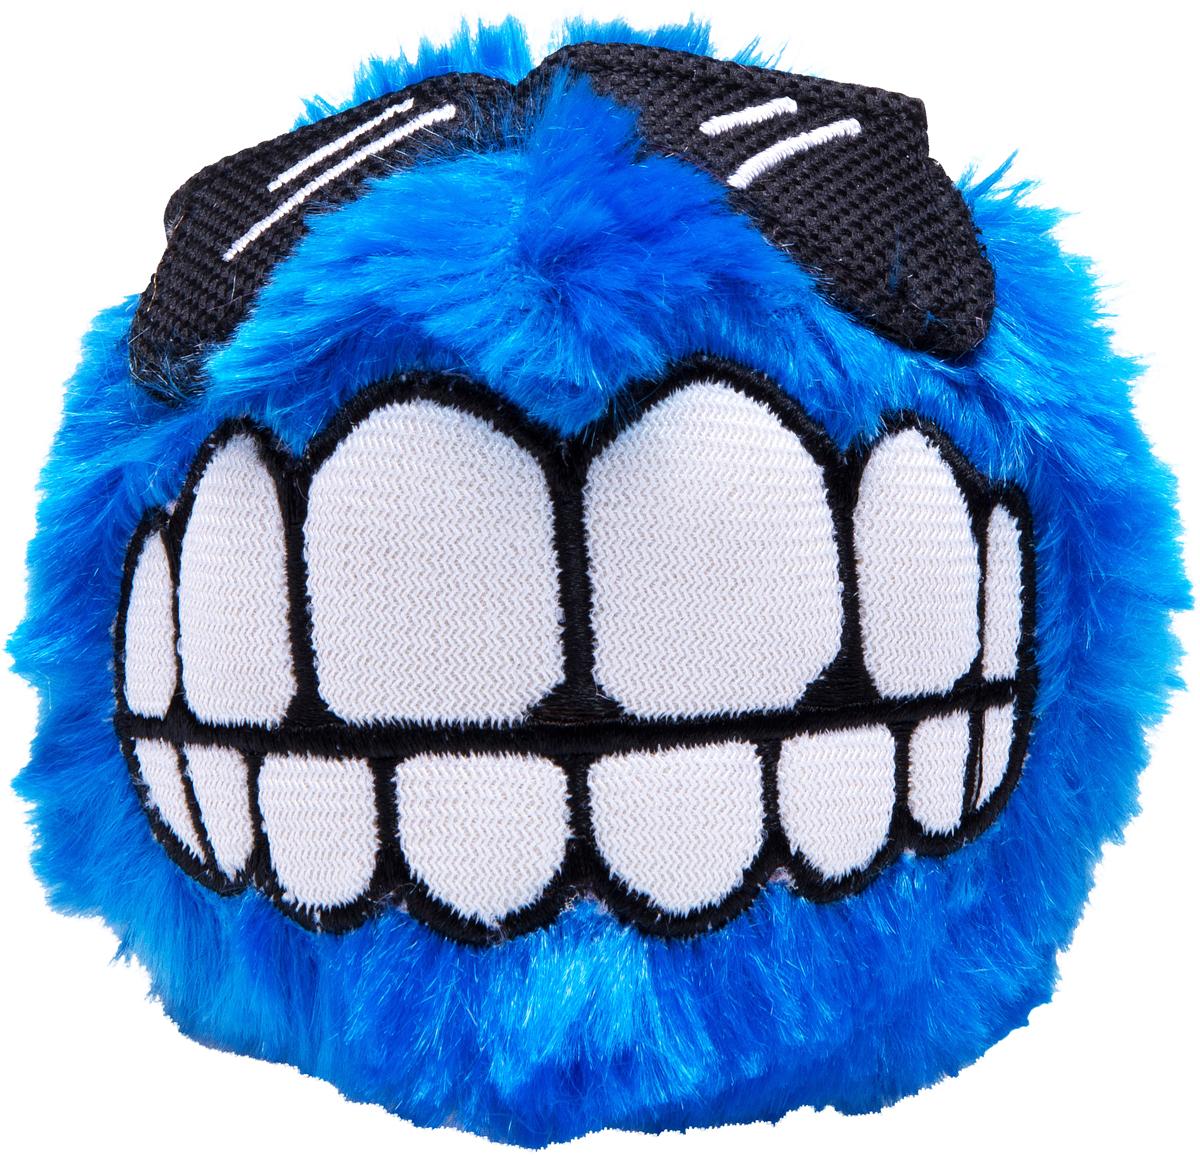 Игрушка для собак Rogz Fluffy Grinz. Зубы, цвет: синий, диаметр 6,4 смCGR03BИгрушка для собак Rogz Fluffy Grinz. Зубы - особо мягкий, плюшевый мяч. Для животных, которые любят играть в Поймай-принеси - это просто мечта.Небольшой вес изделия.Не травмирует зубы и десны.Удобен для переноски животных.Внутри игрушки пищалка, что поддерживает интерес животного к игре.